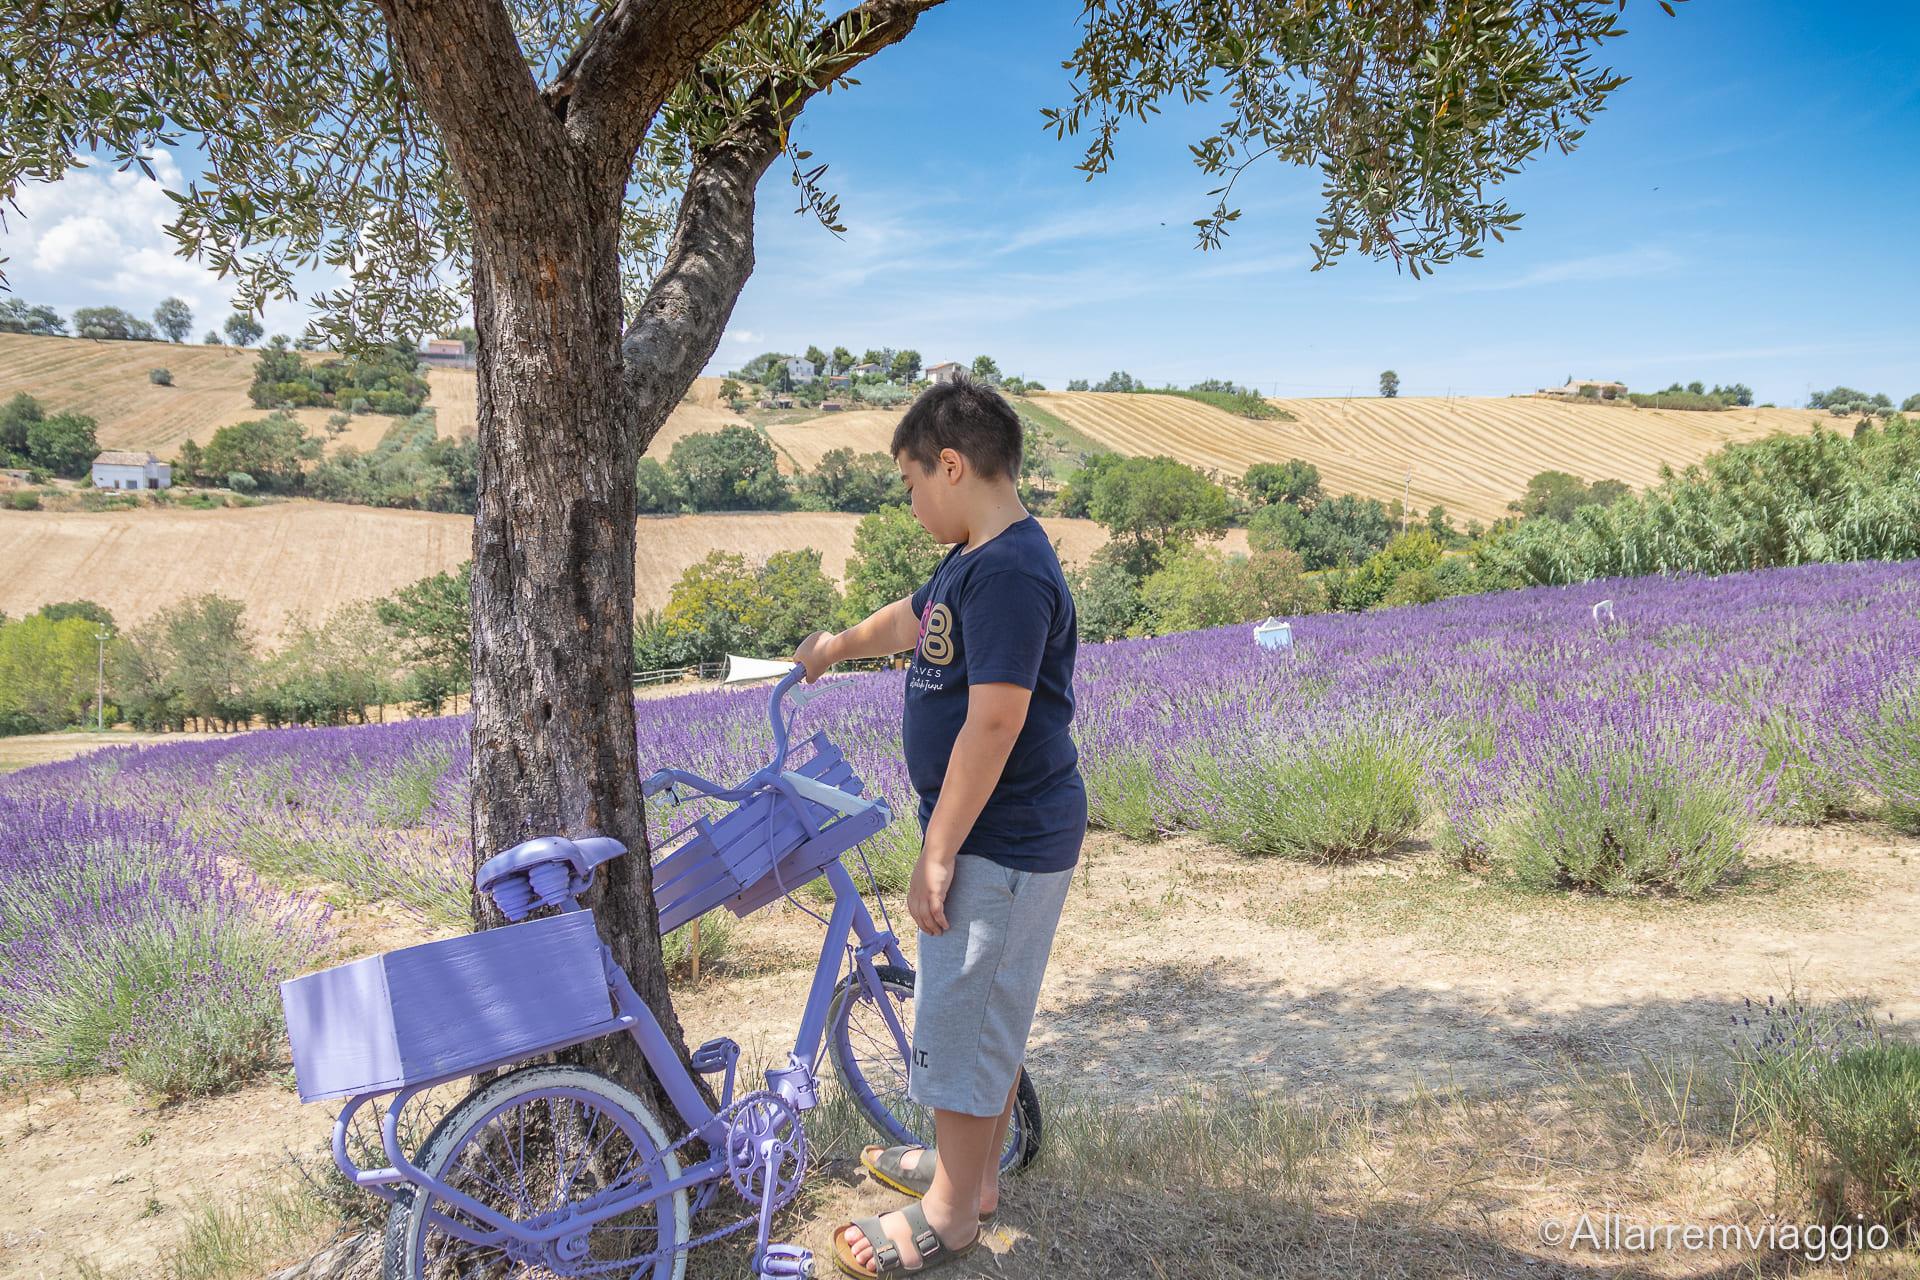 bicicletta lilla lavandeto nuovo ulivo di nonno amato